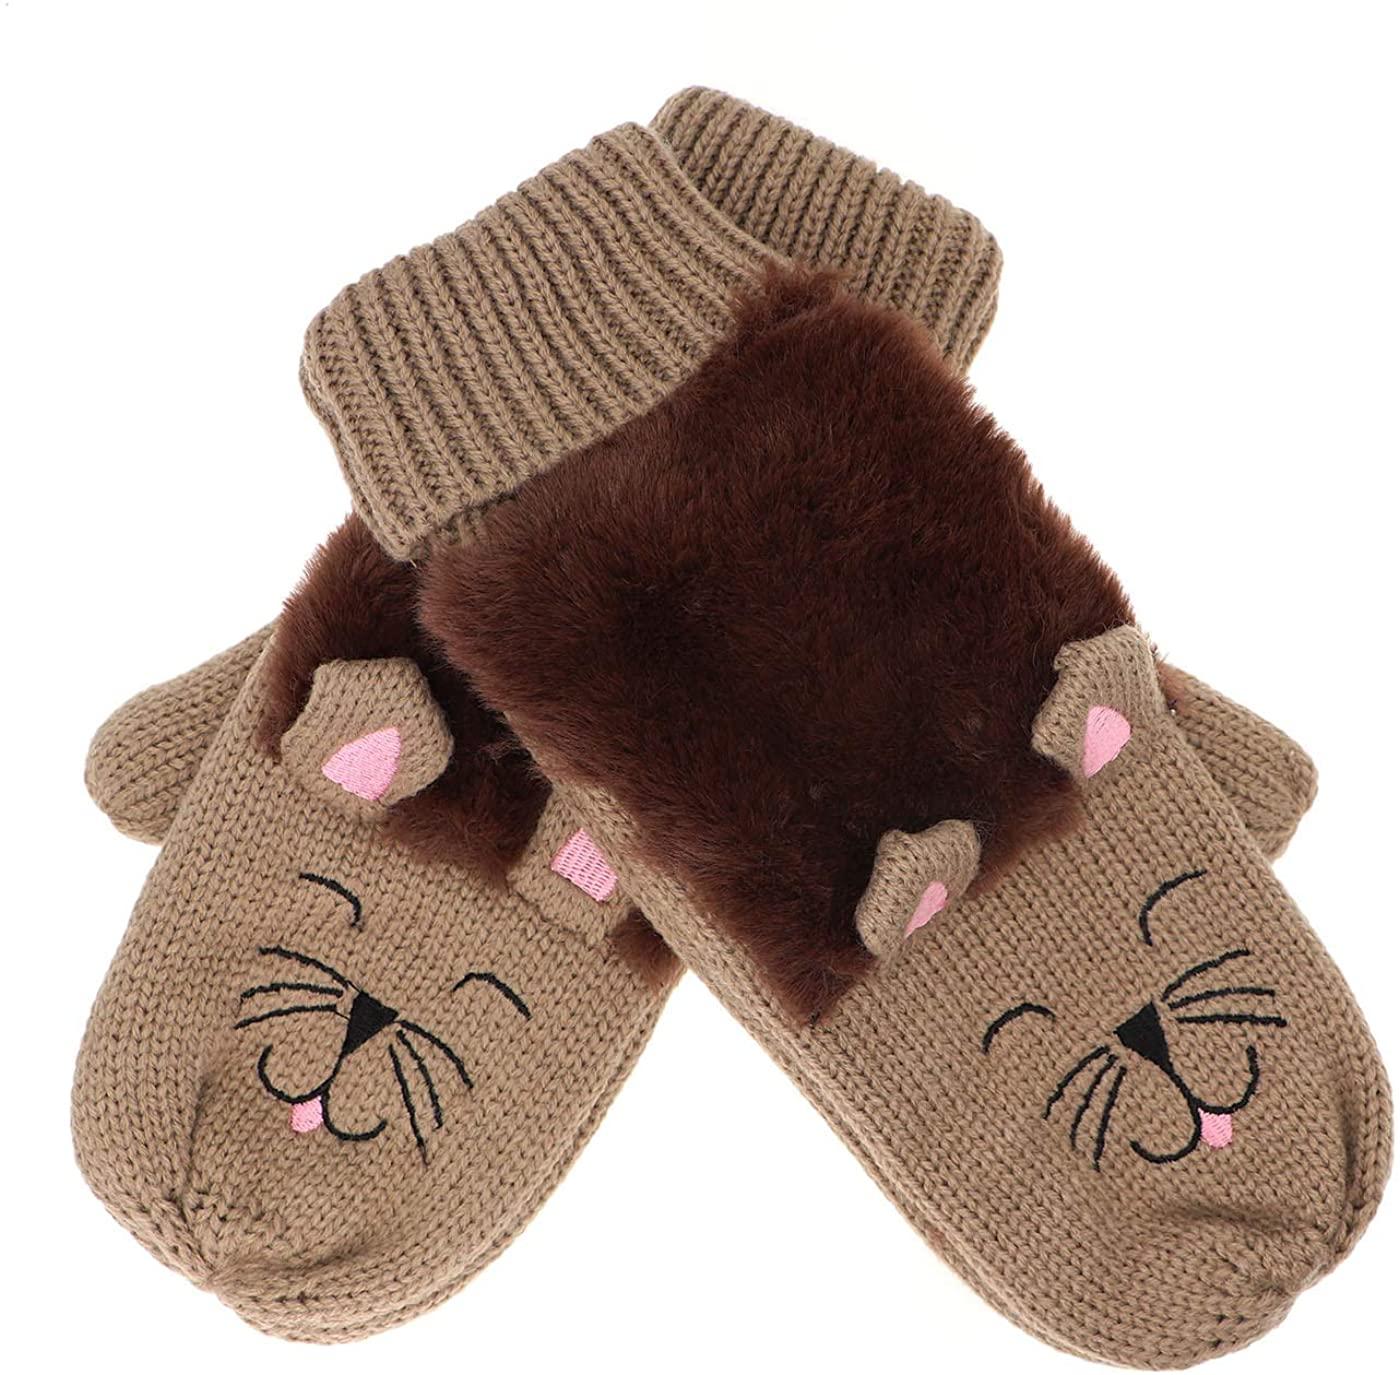 Women Double Layer Winter Warm Knit Mittens Faux Fur Fuzzy Warm Soft Lining Cartoon Kitten Cat Gloves